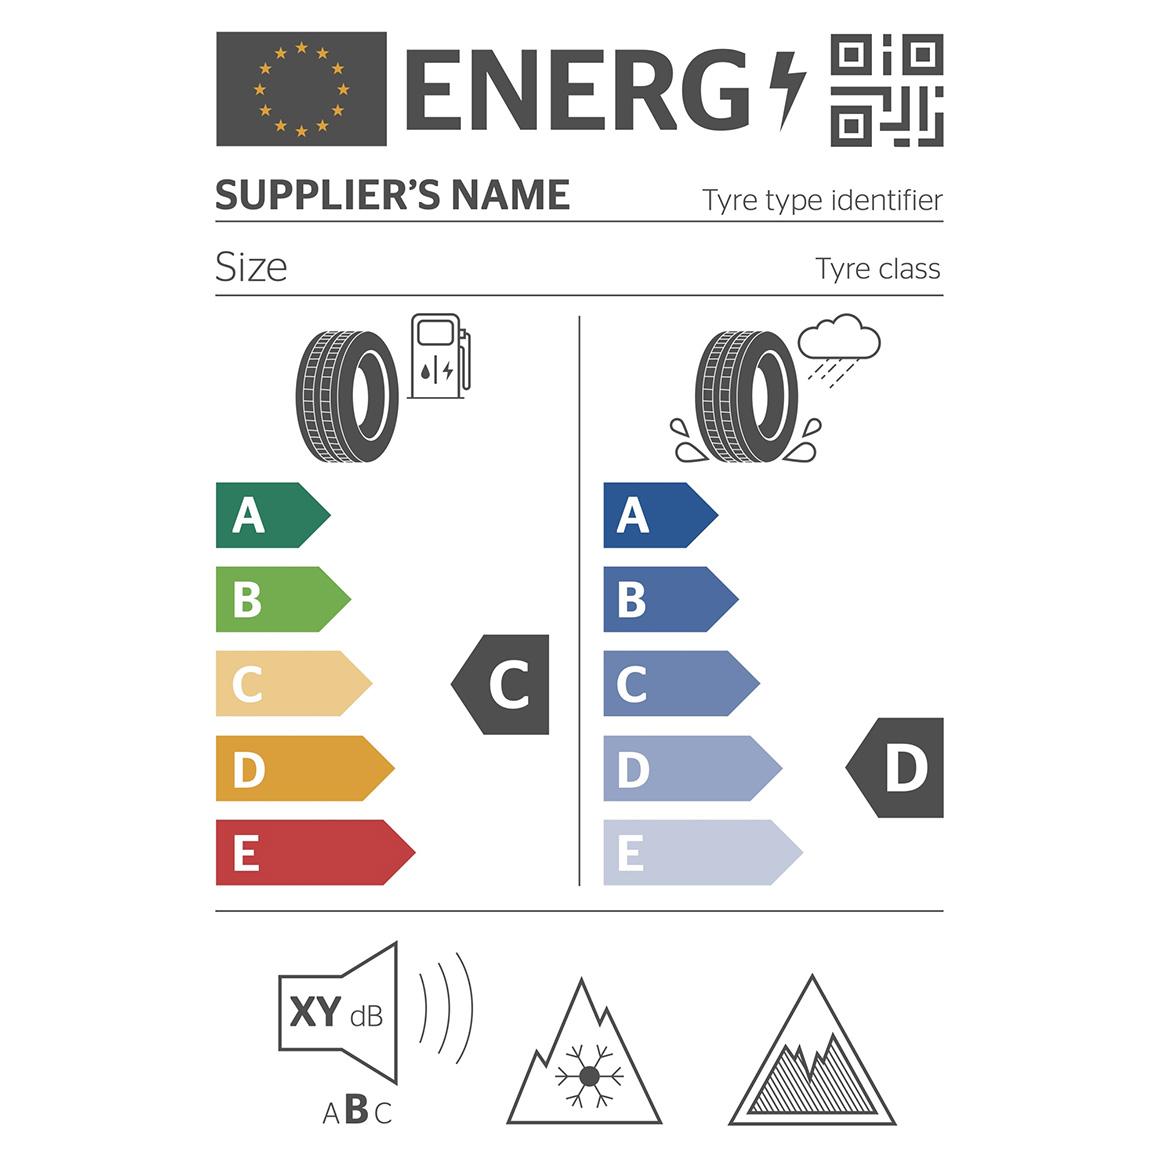 L'etichetta dello pneumatico UE incollata su uno pneumatico.